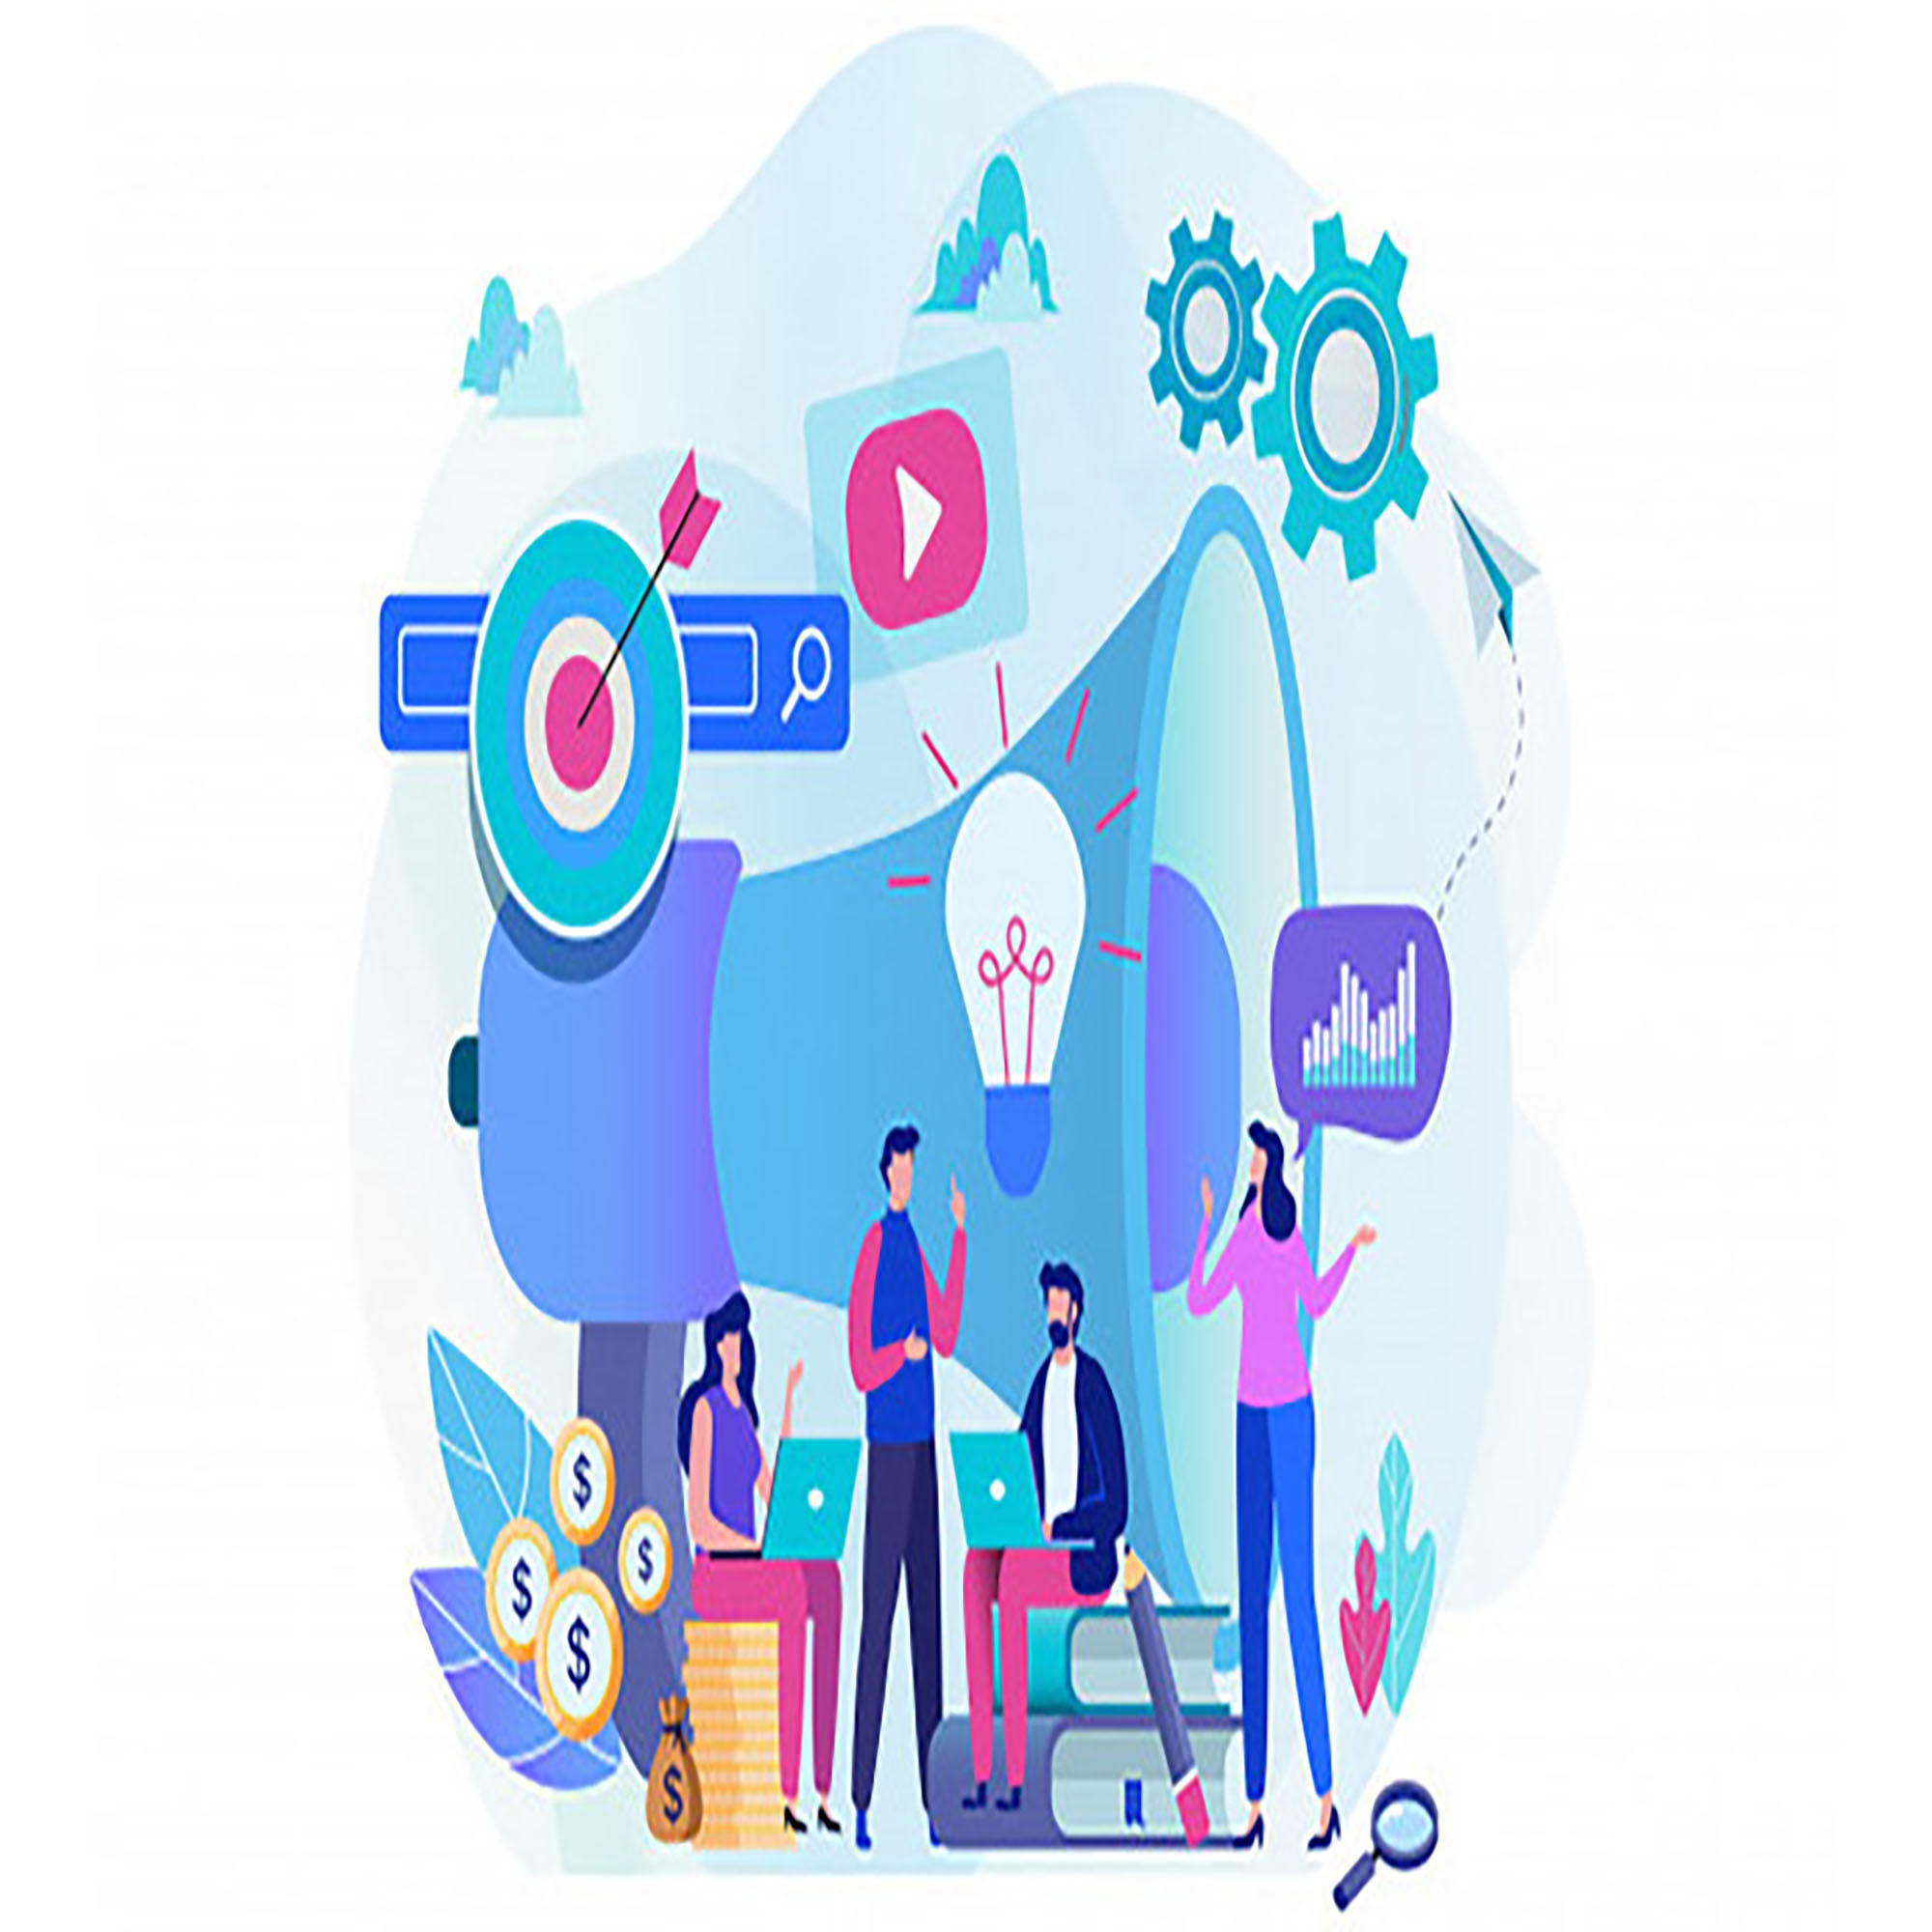 کسب و کار خود را آنلاین بازاریابی کنید